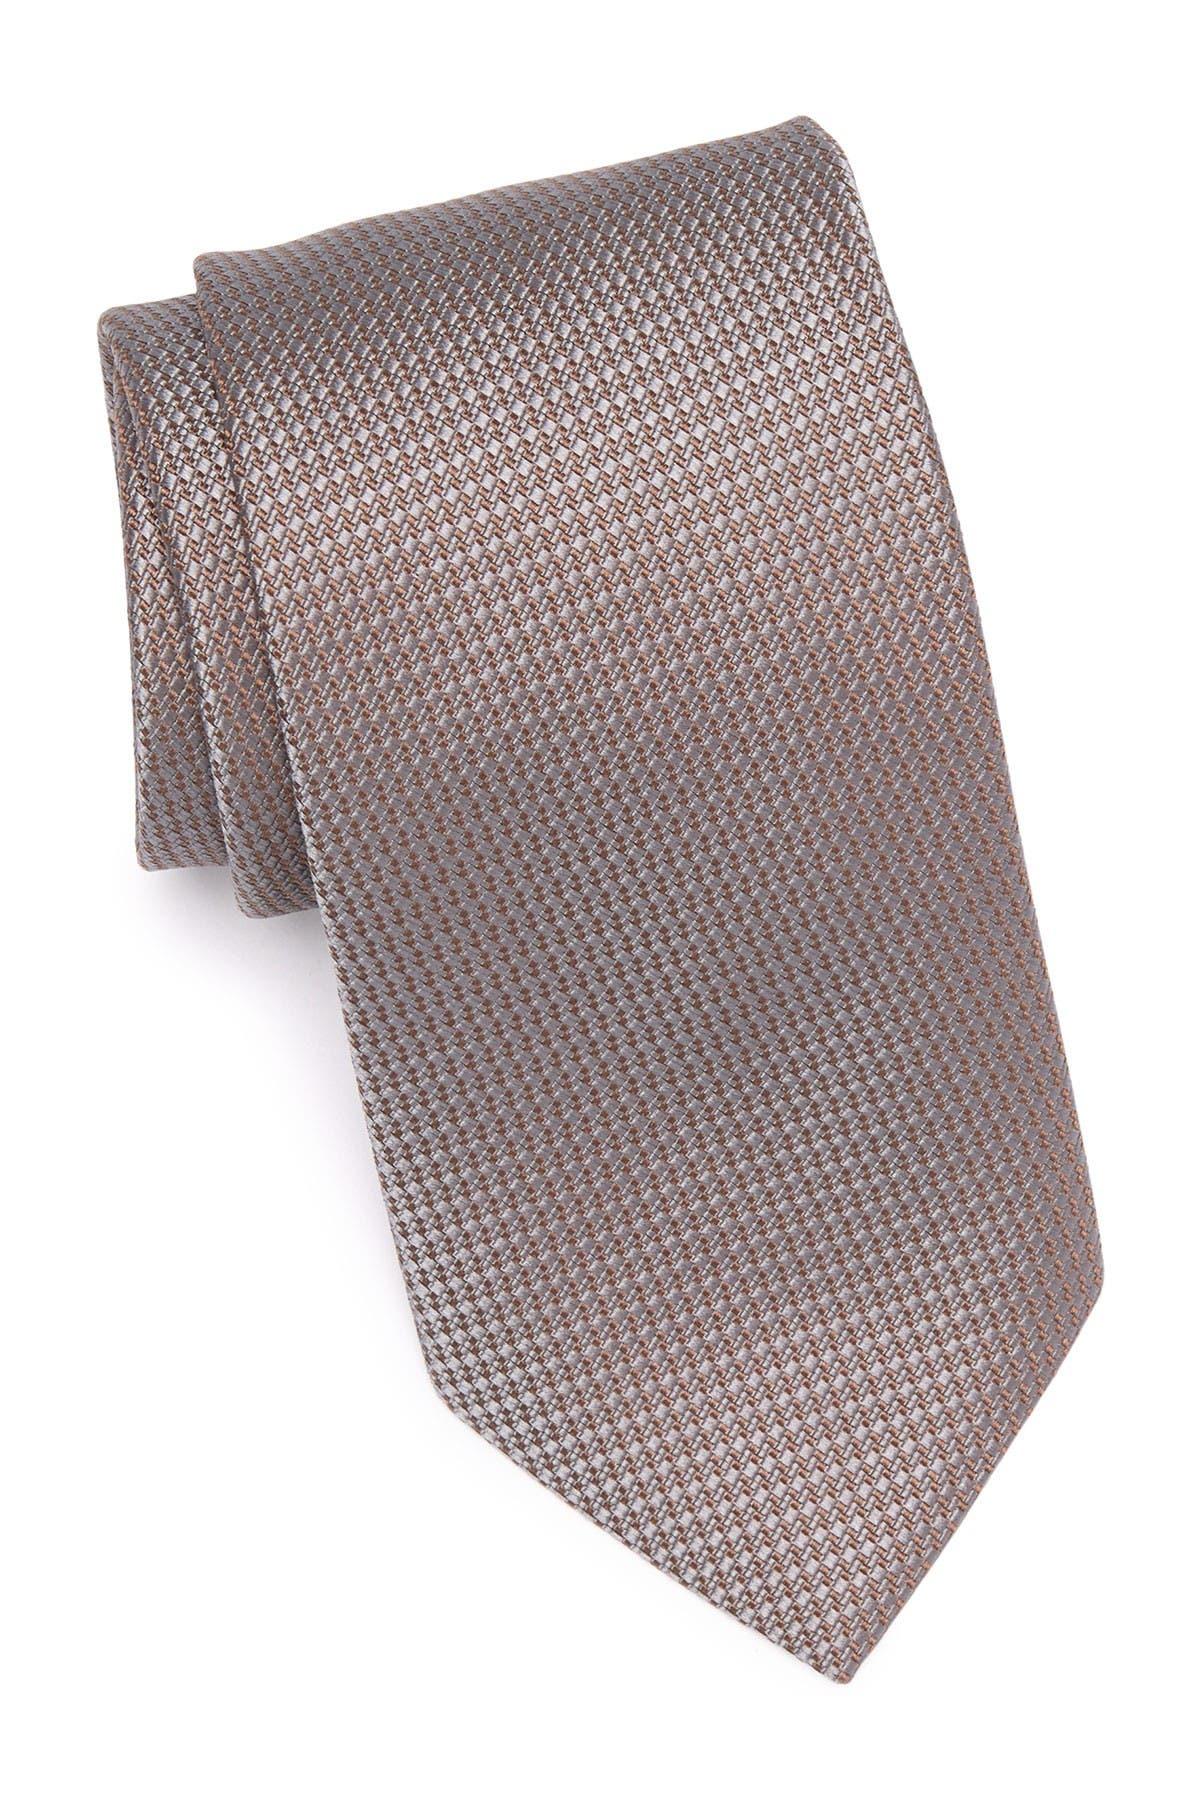 Image of Eton Neat Silk Tie